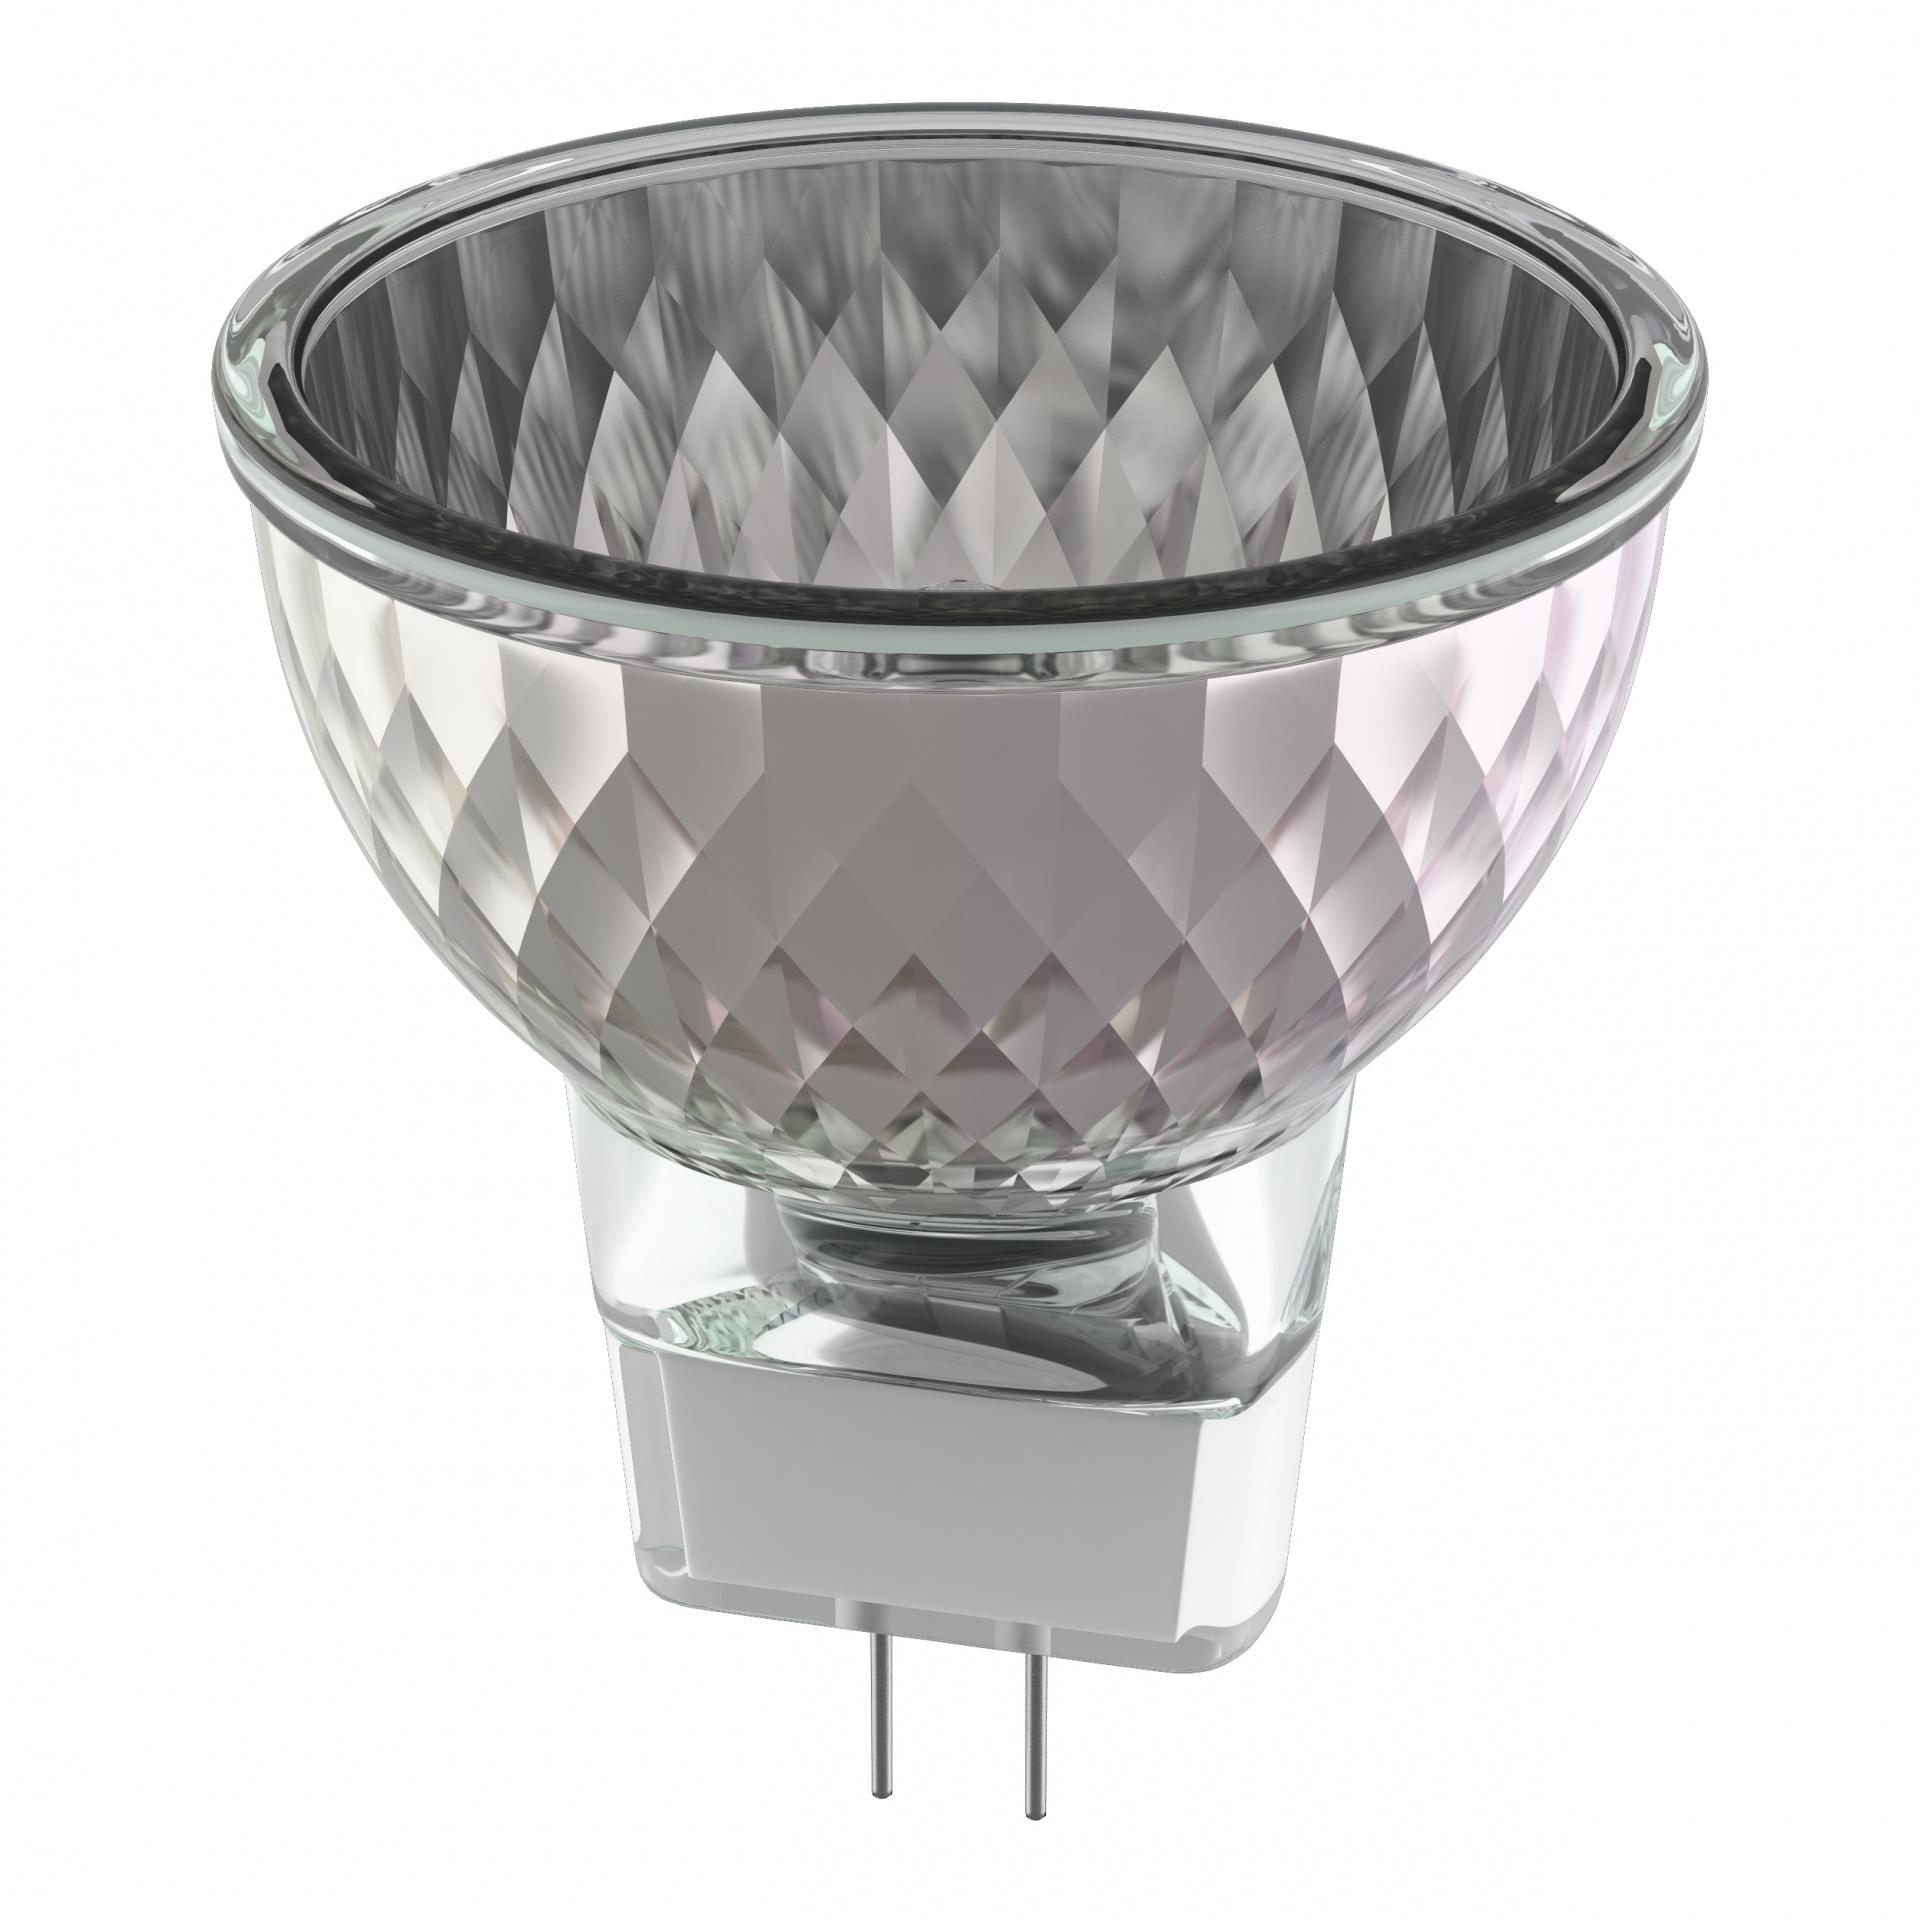 Лампа HAL 12V MR11 G4 35W 30G RA100 2800K 2000H DIMM Lightstar 921003, купить в СПб, Москве, с доставкой, Санкт-Петербург, интернет-магазин люстр и светильников Starlight, фото в жизни